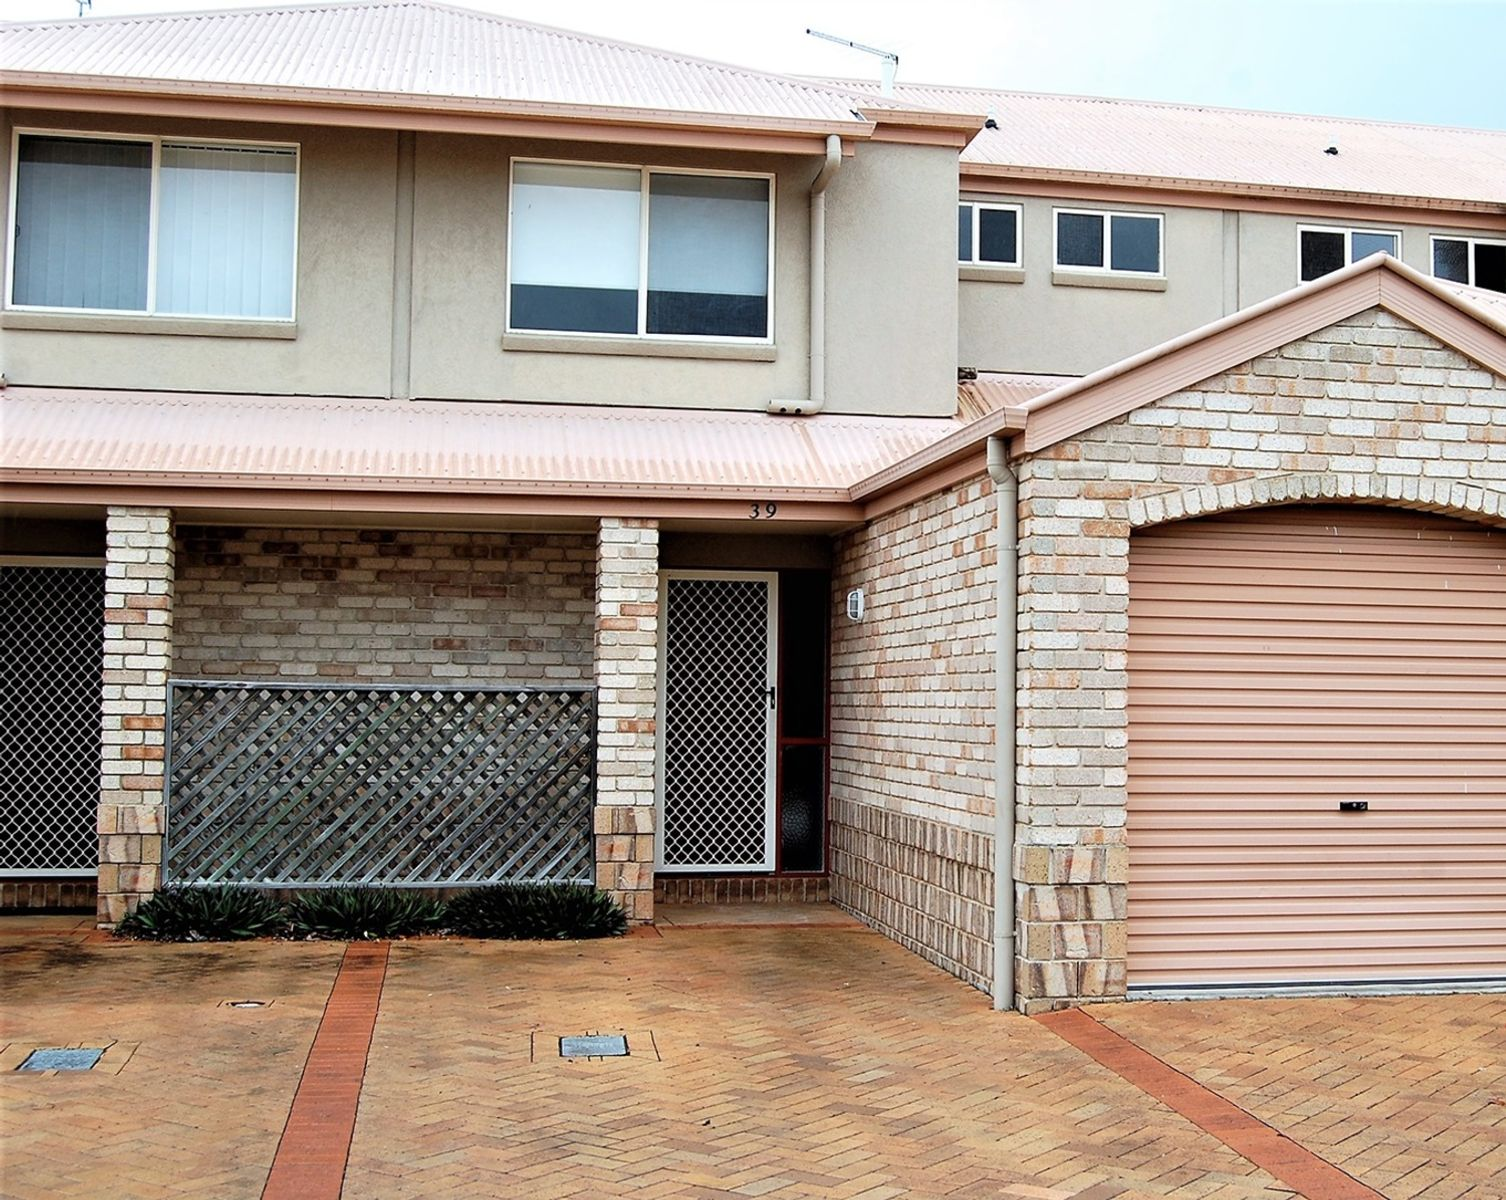 39/36 Albert Street, Waterford, QLD 4133